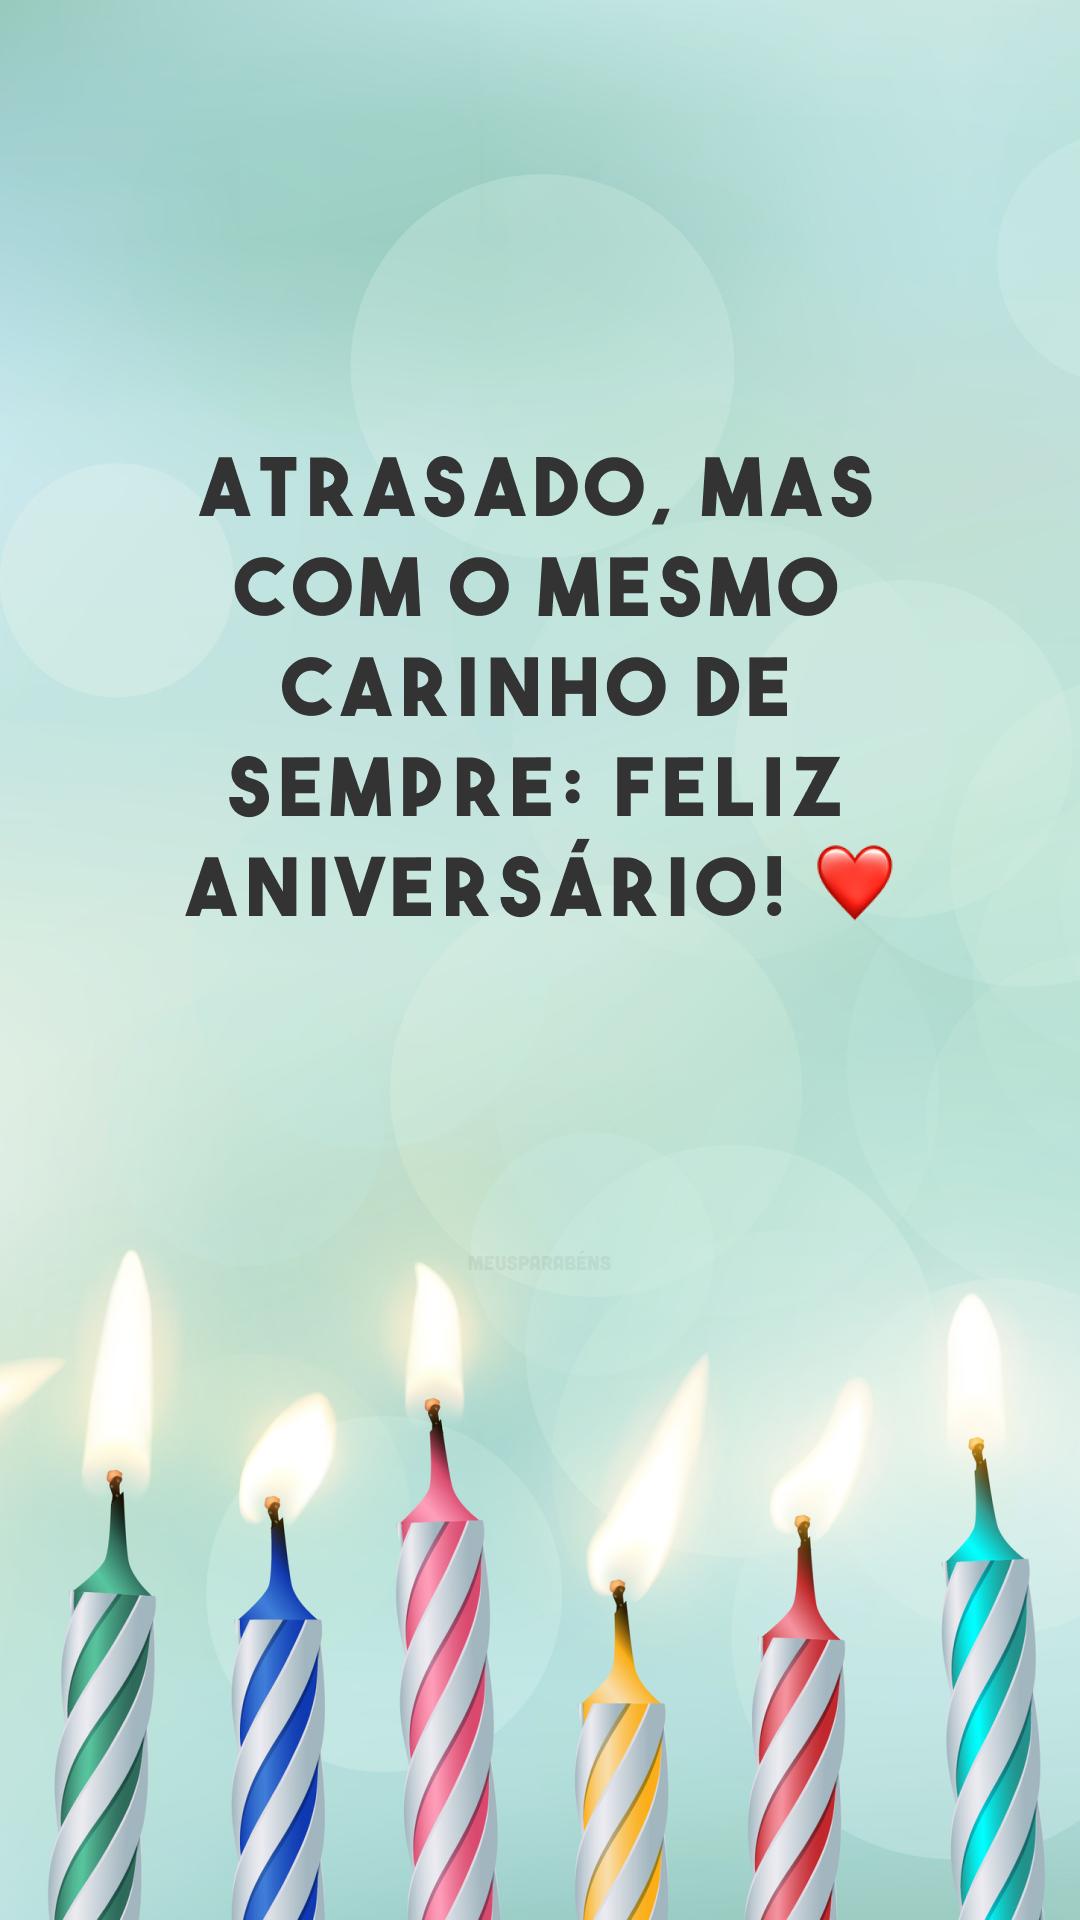 Atrasado, mas com o mesmo carinho de sempre: feliz aniversário! ❤